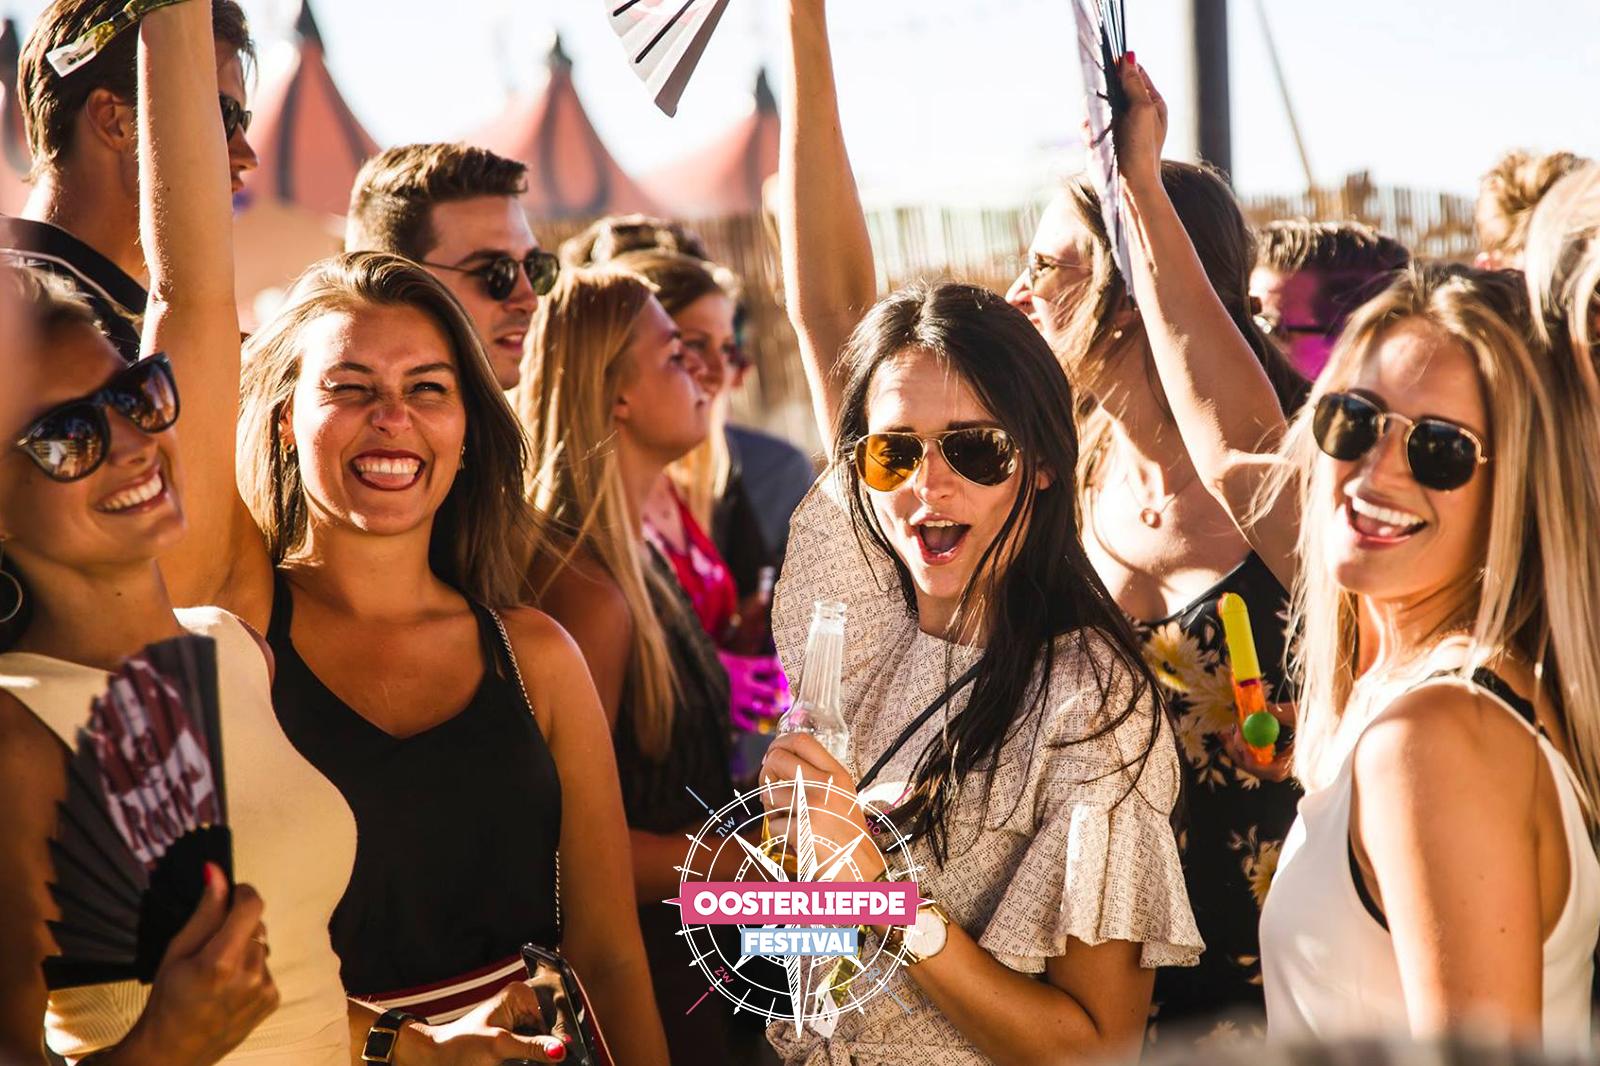 NYMA-terrein in Nijmegen omgetoverd tot groots liefde festival